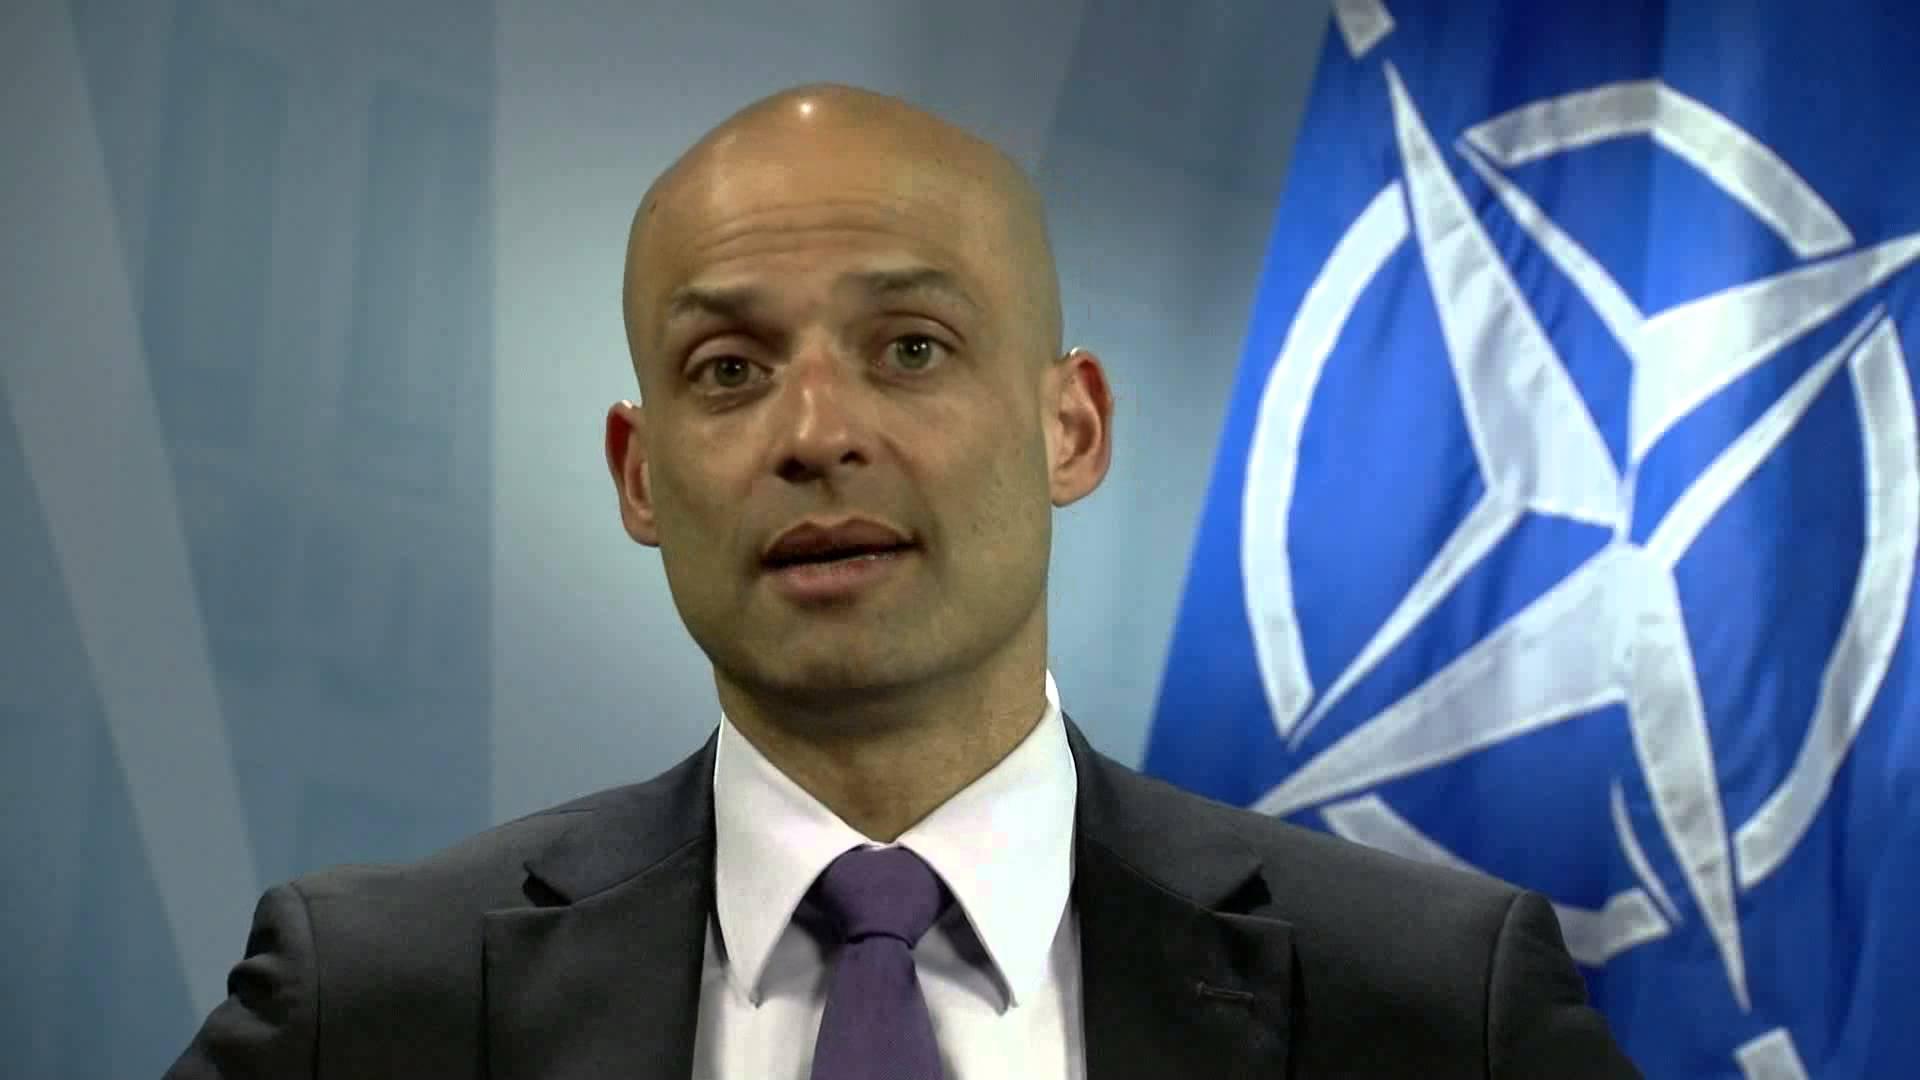 Մենք մտահոգությամբ հետևում ենք հայ-ադրբեջանական սահմանին տիրող իրավիճակի զարգացումներին․ ՆԱՏՕ-ն կոչ է անում կանխել հետագա սրացումը